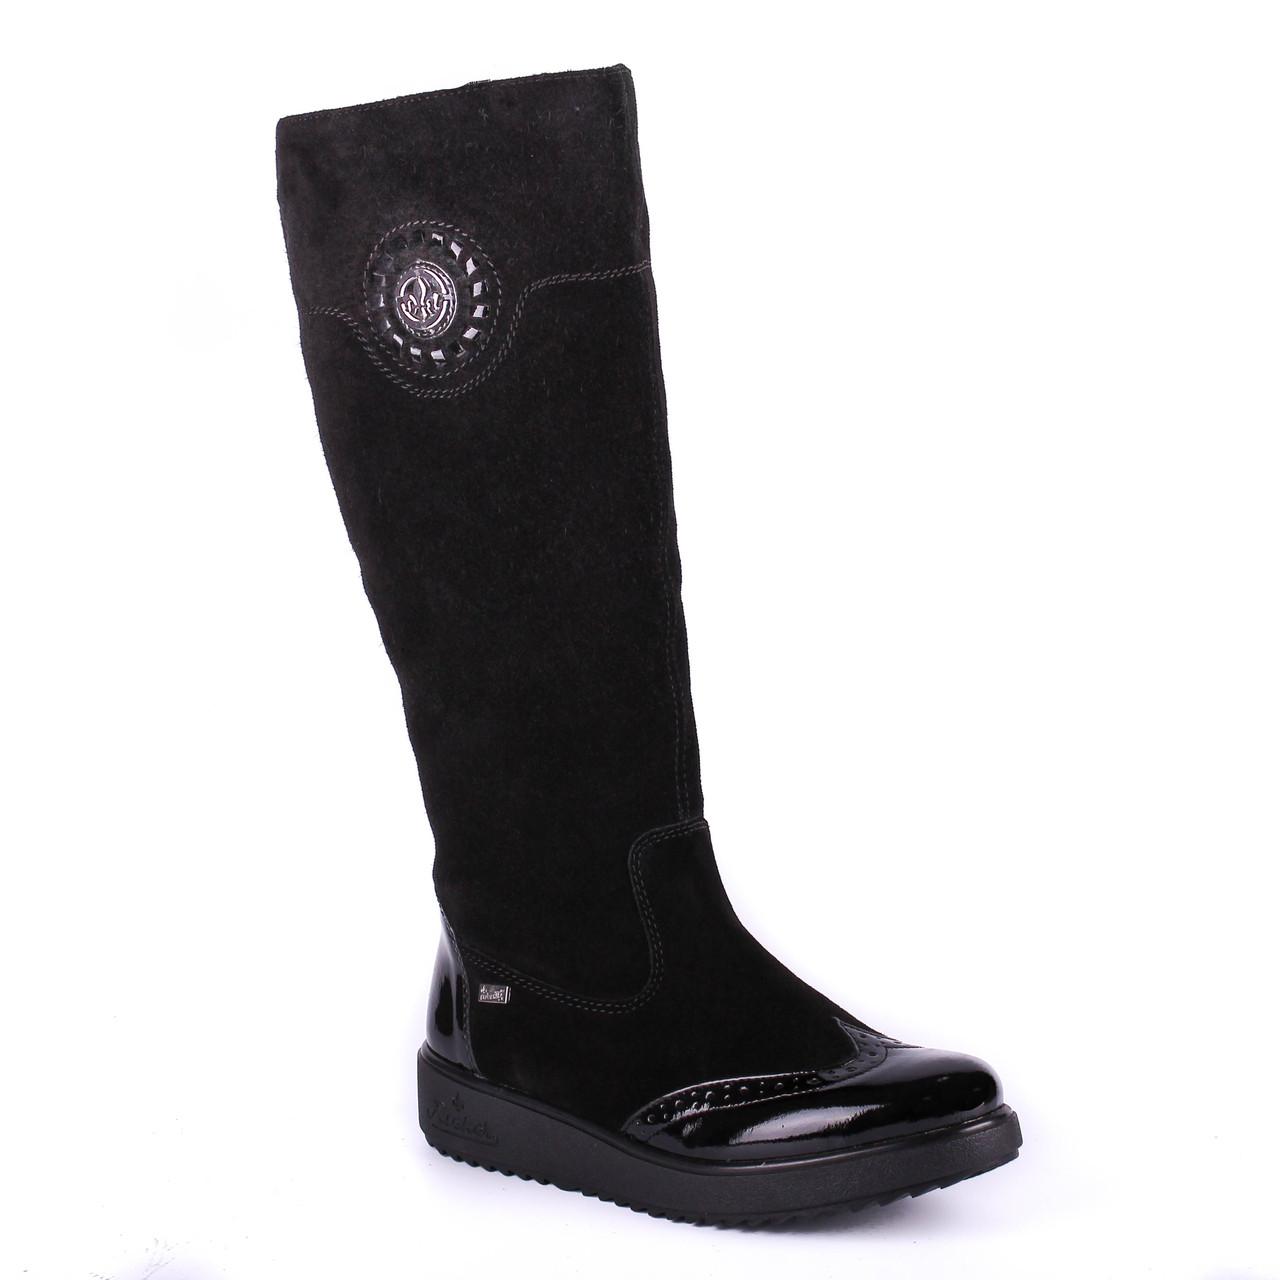 c31bab9a6 Rieker ТОП ПРОДАЖ красивые женские зимние сапоги на овчинe черного цвета -  Marigo - обувь женская